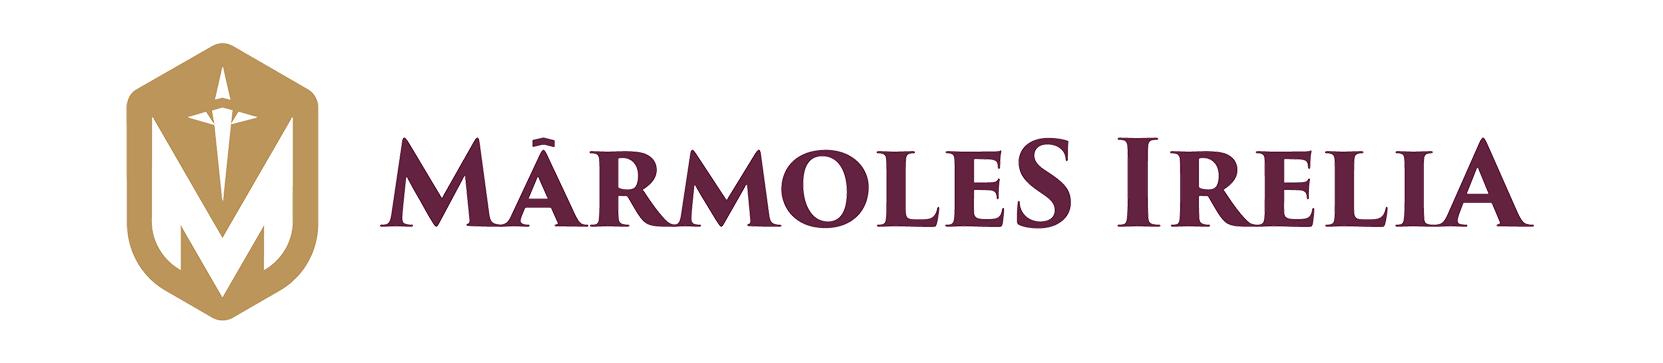 Marmoles Irelia